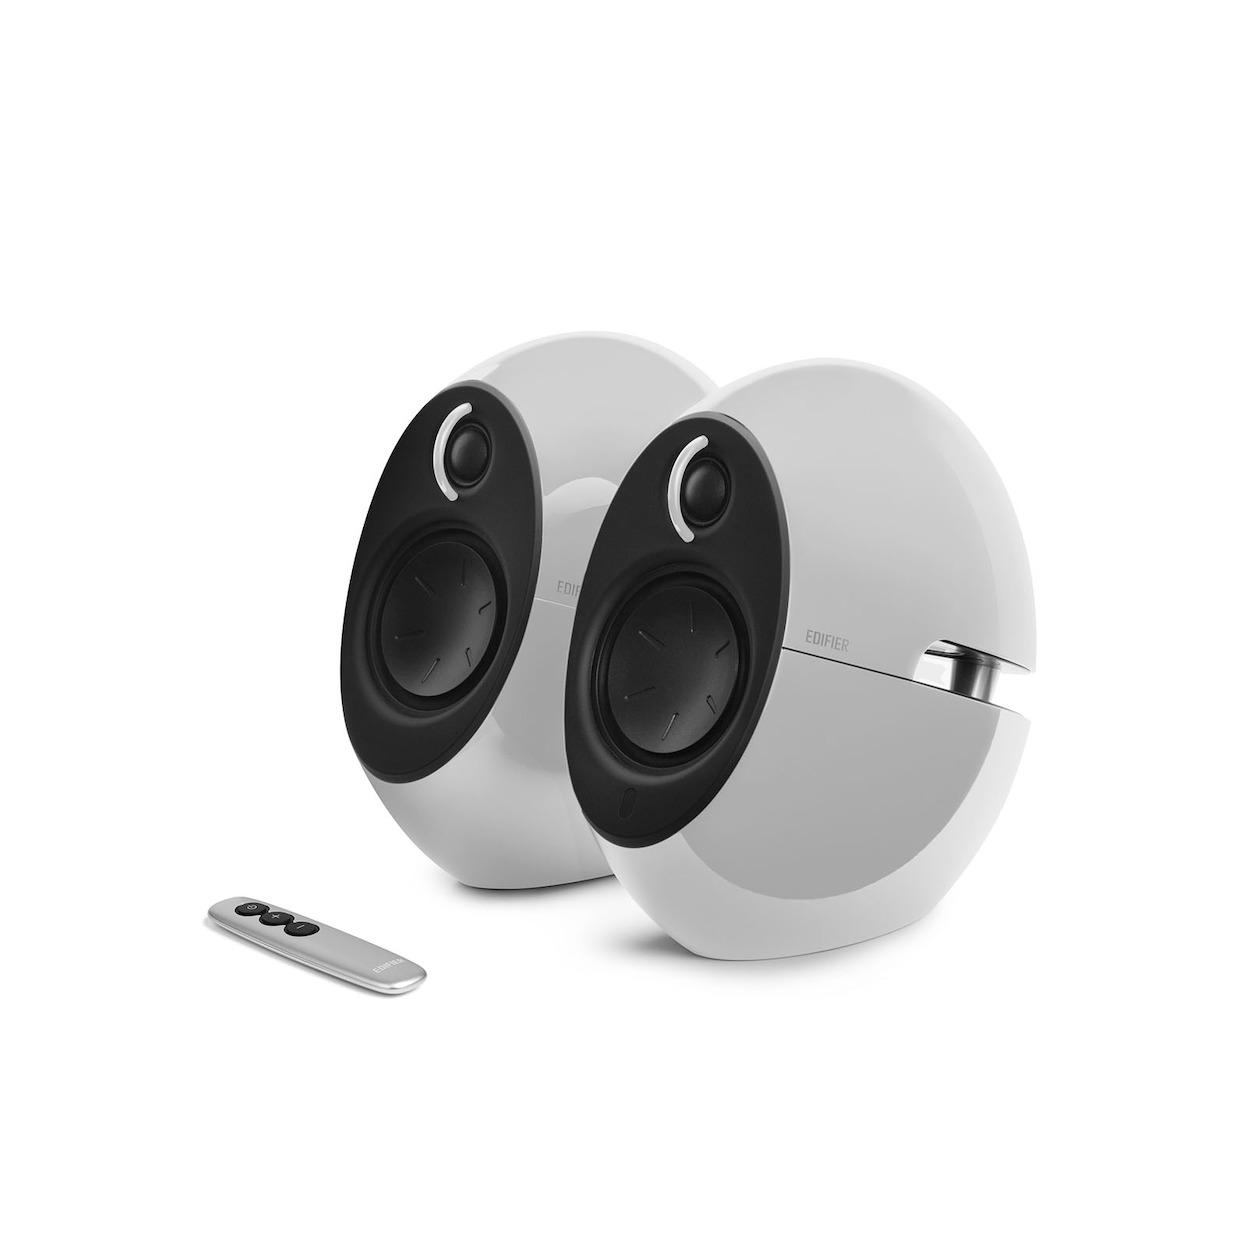 Edifier boekenplank speaker E25HD wit